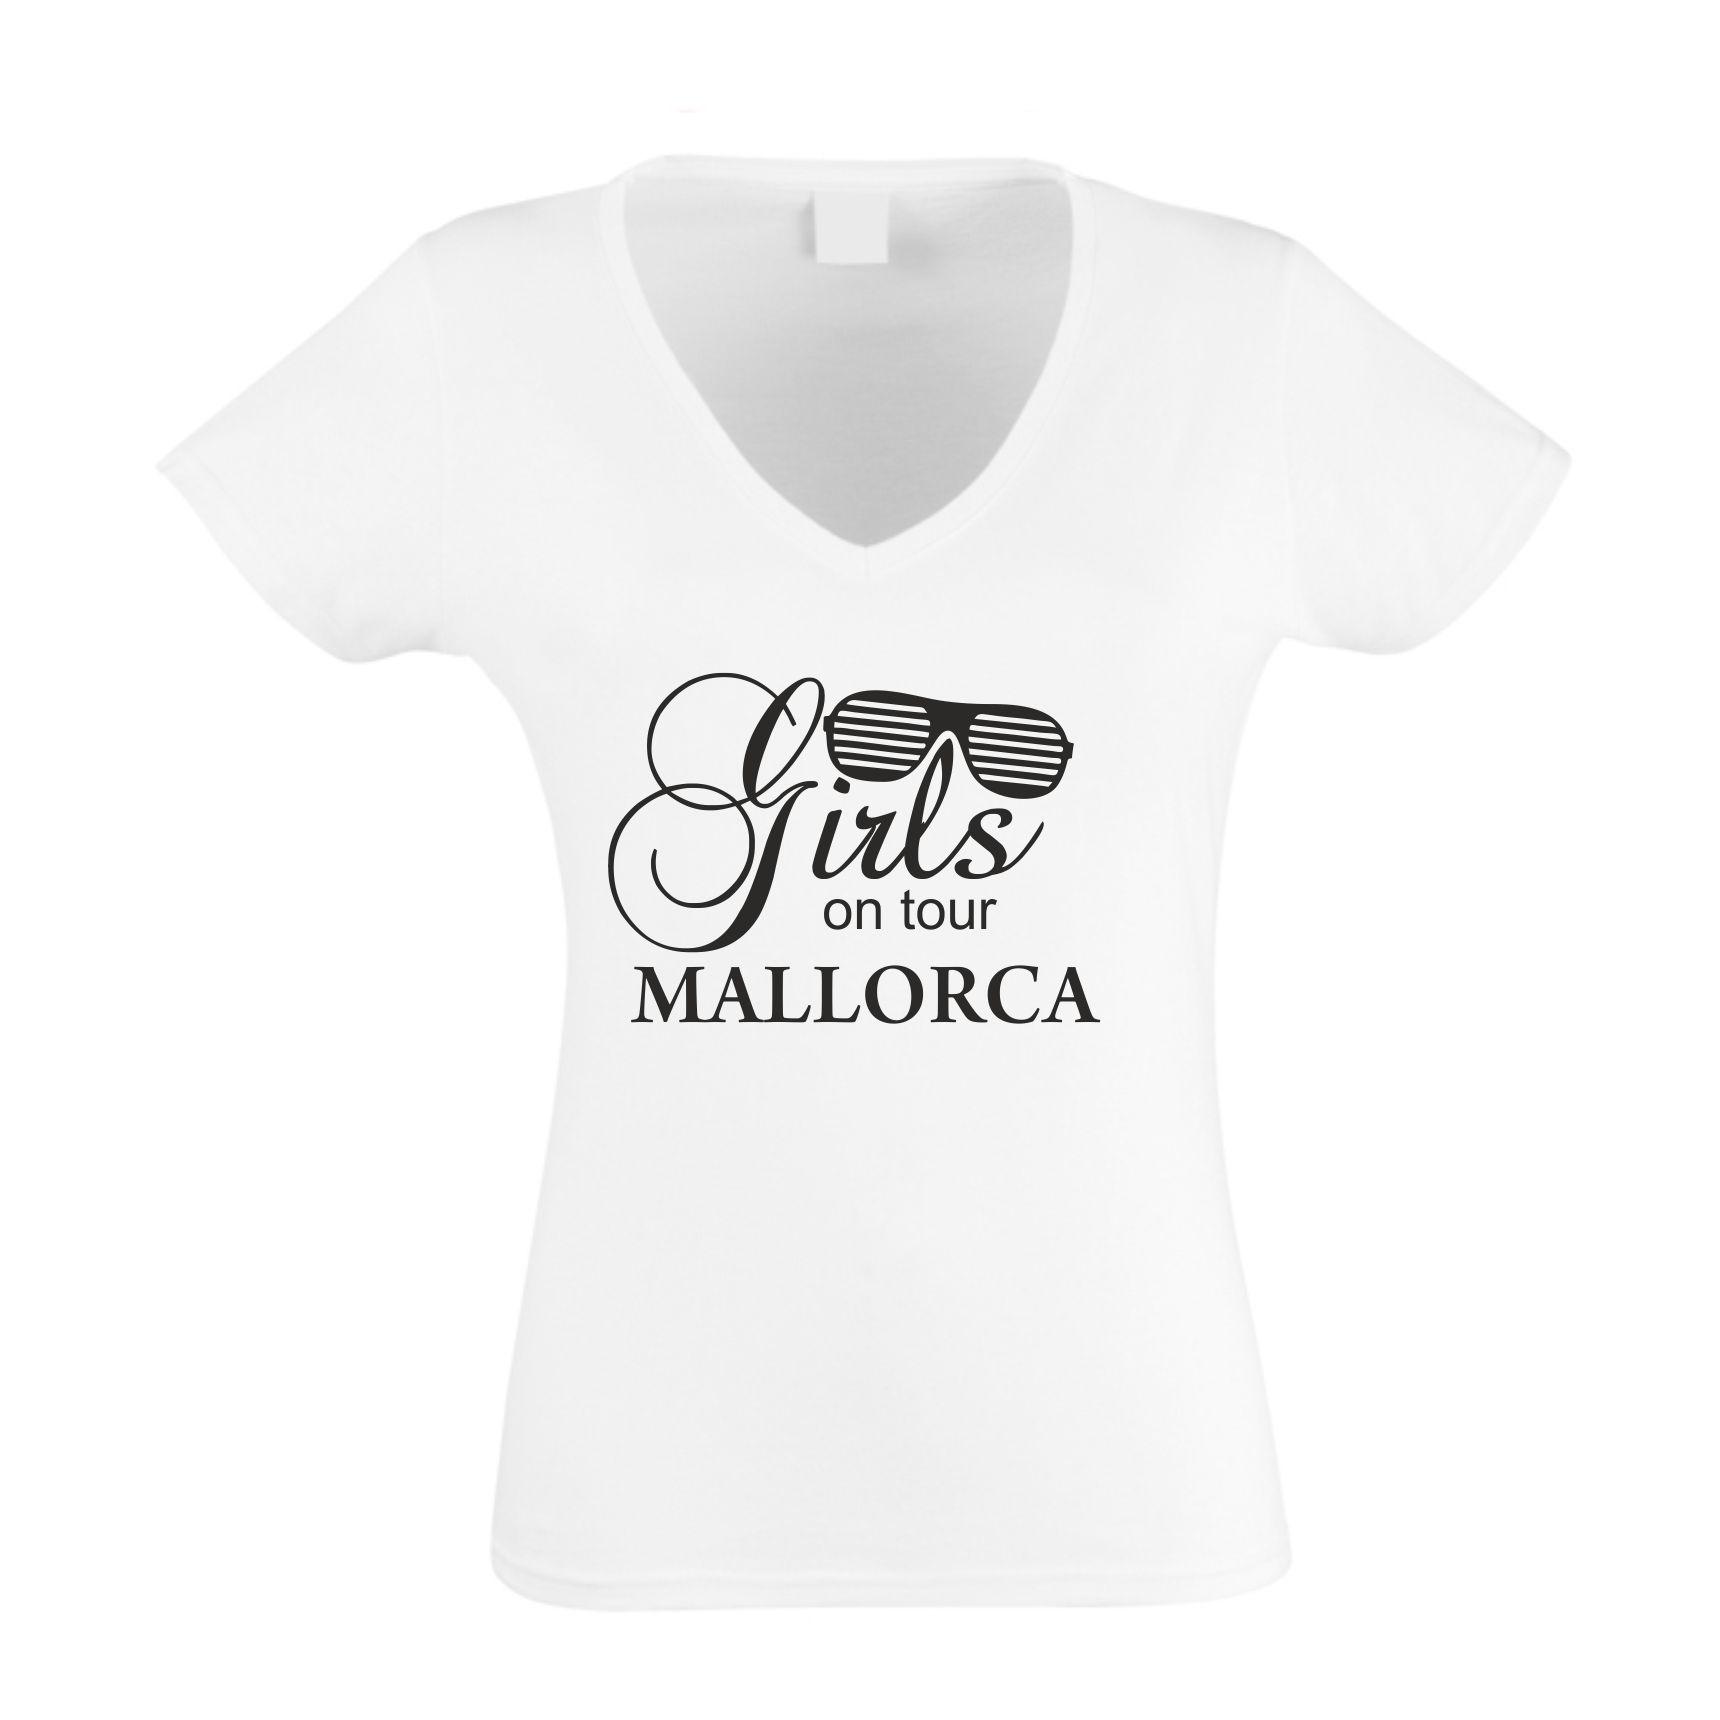 malle t shirt sprüche | jtleigh - hausgestaltung ideen